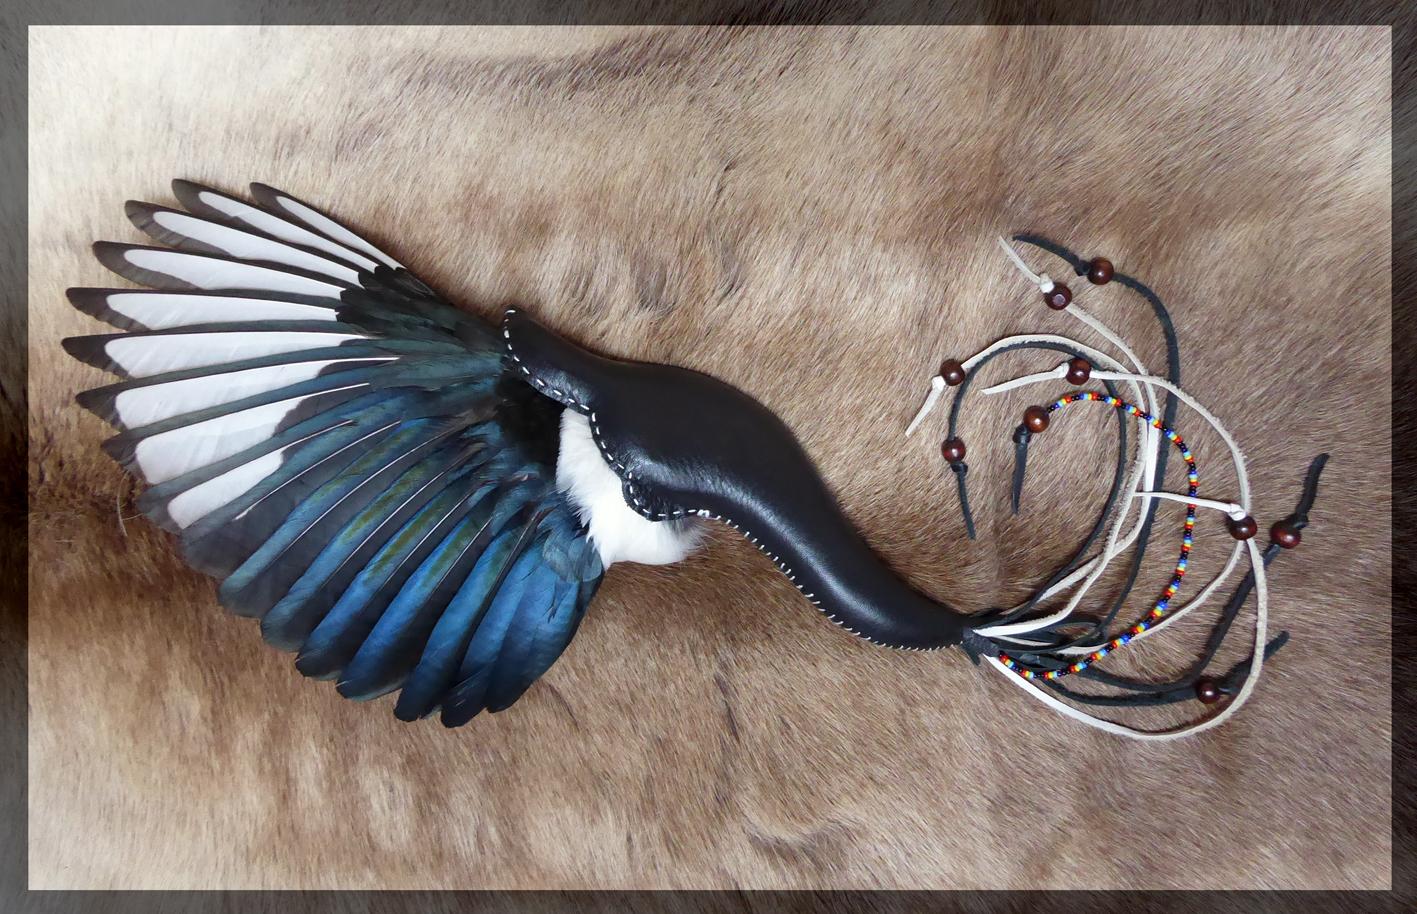 Full wing Fan - Magpie